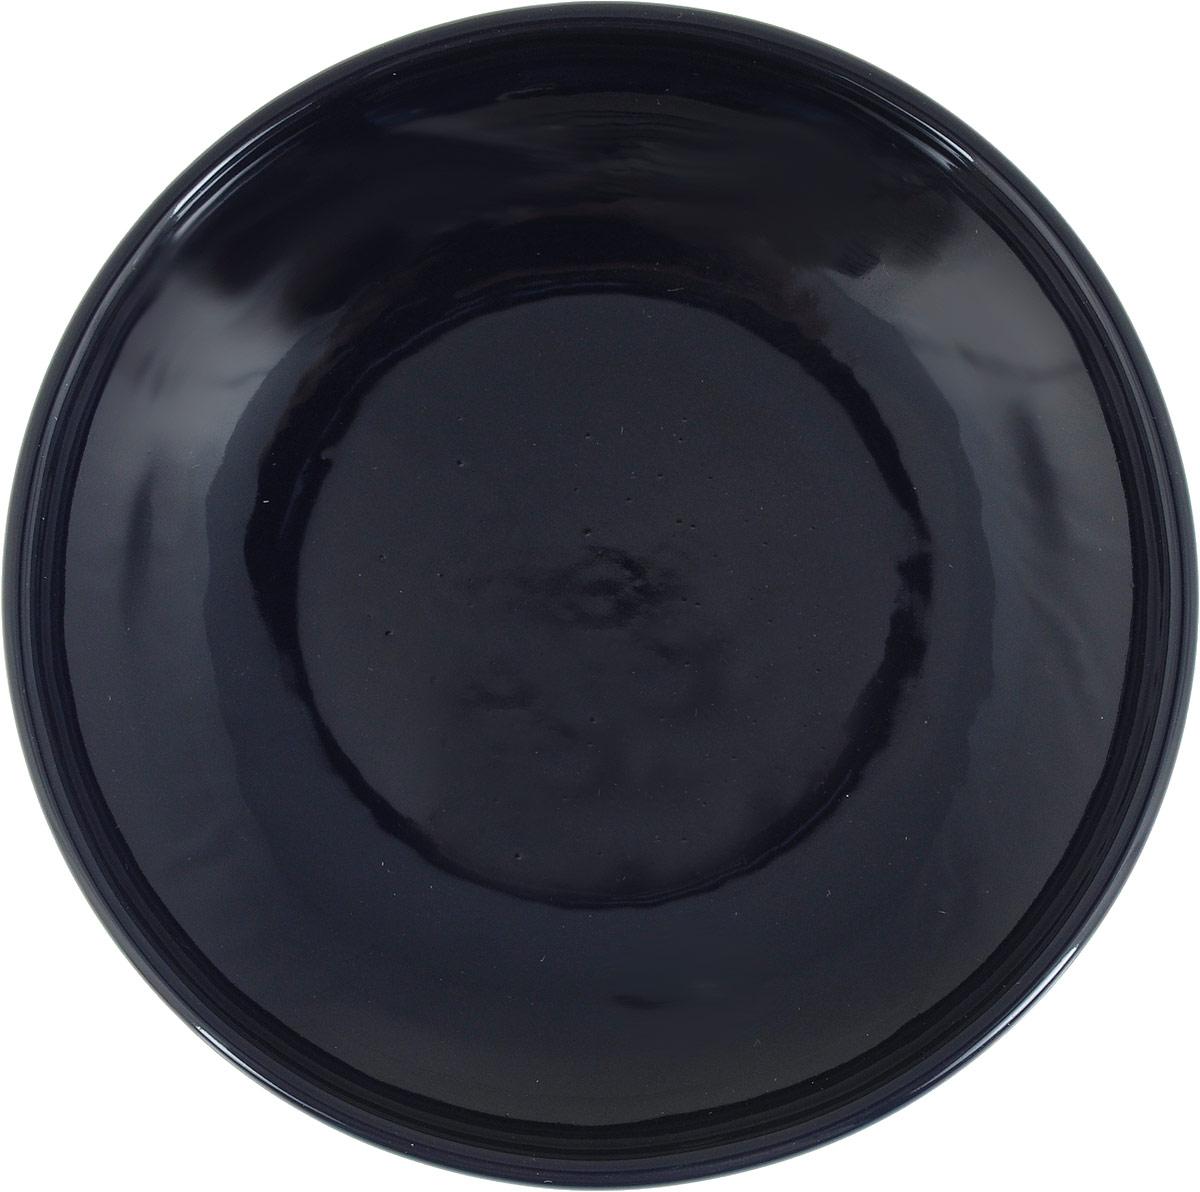 Фото - Блюдце Борисовская керамика Радуга, цвет: синий, диаметр 10 см блюдце борисовская керамика радуга цвет темно серый диаметр 10 см